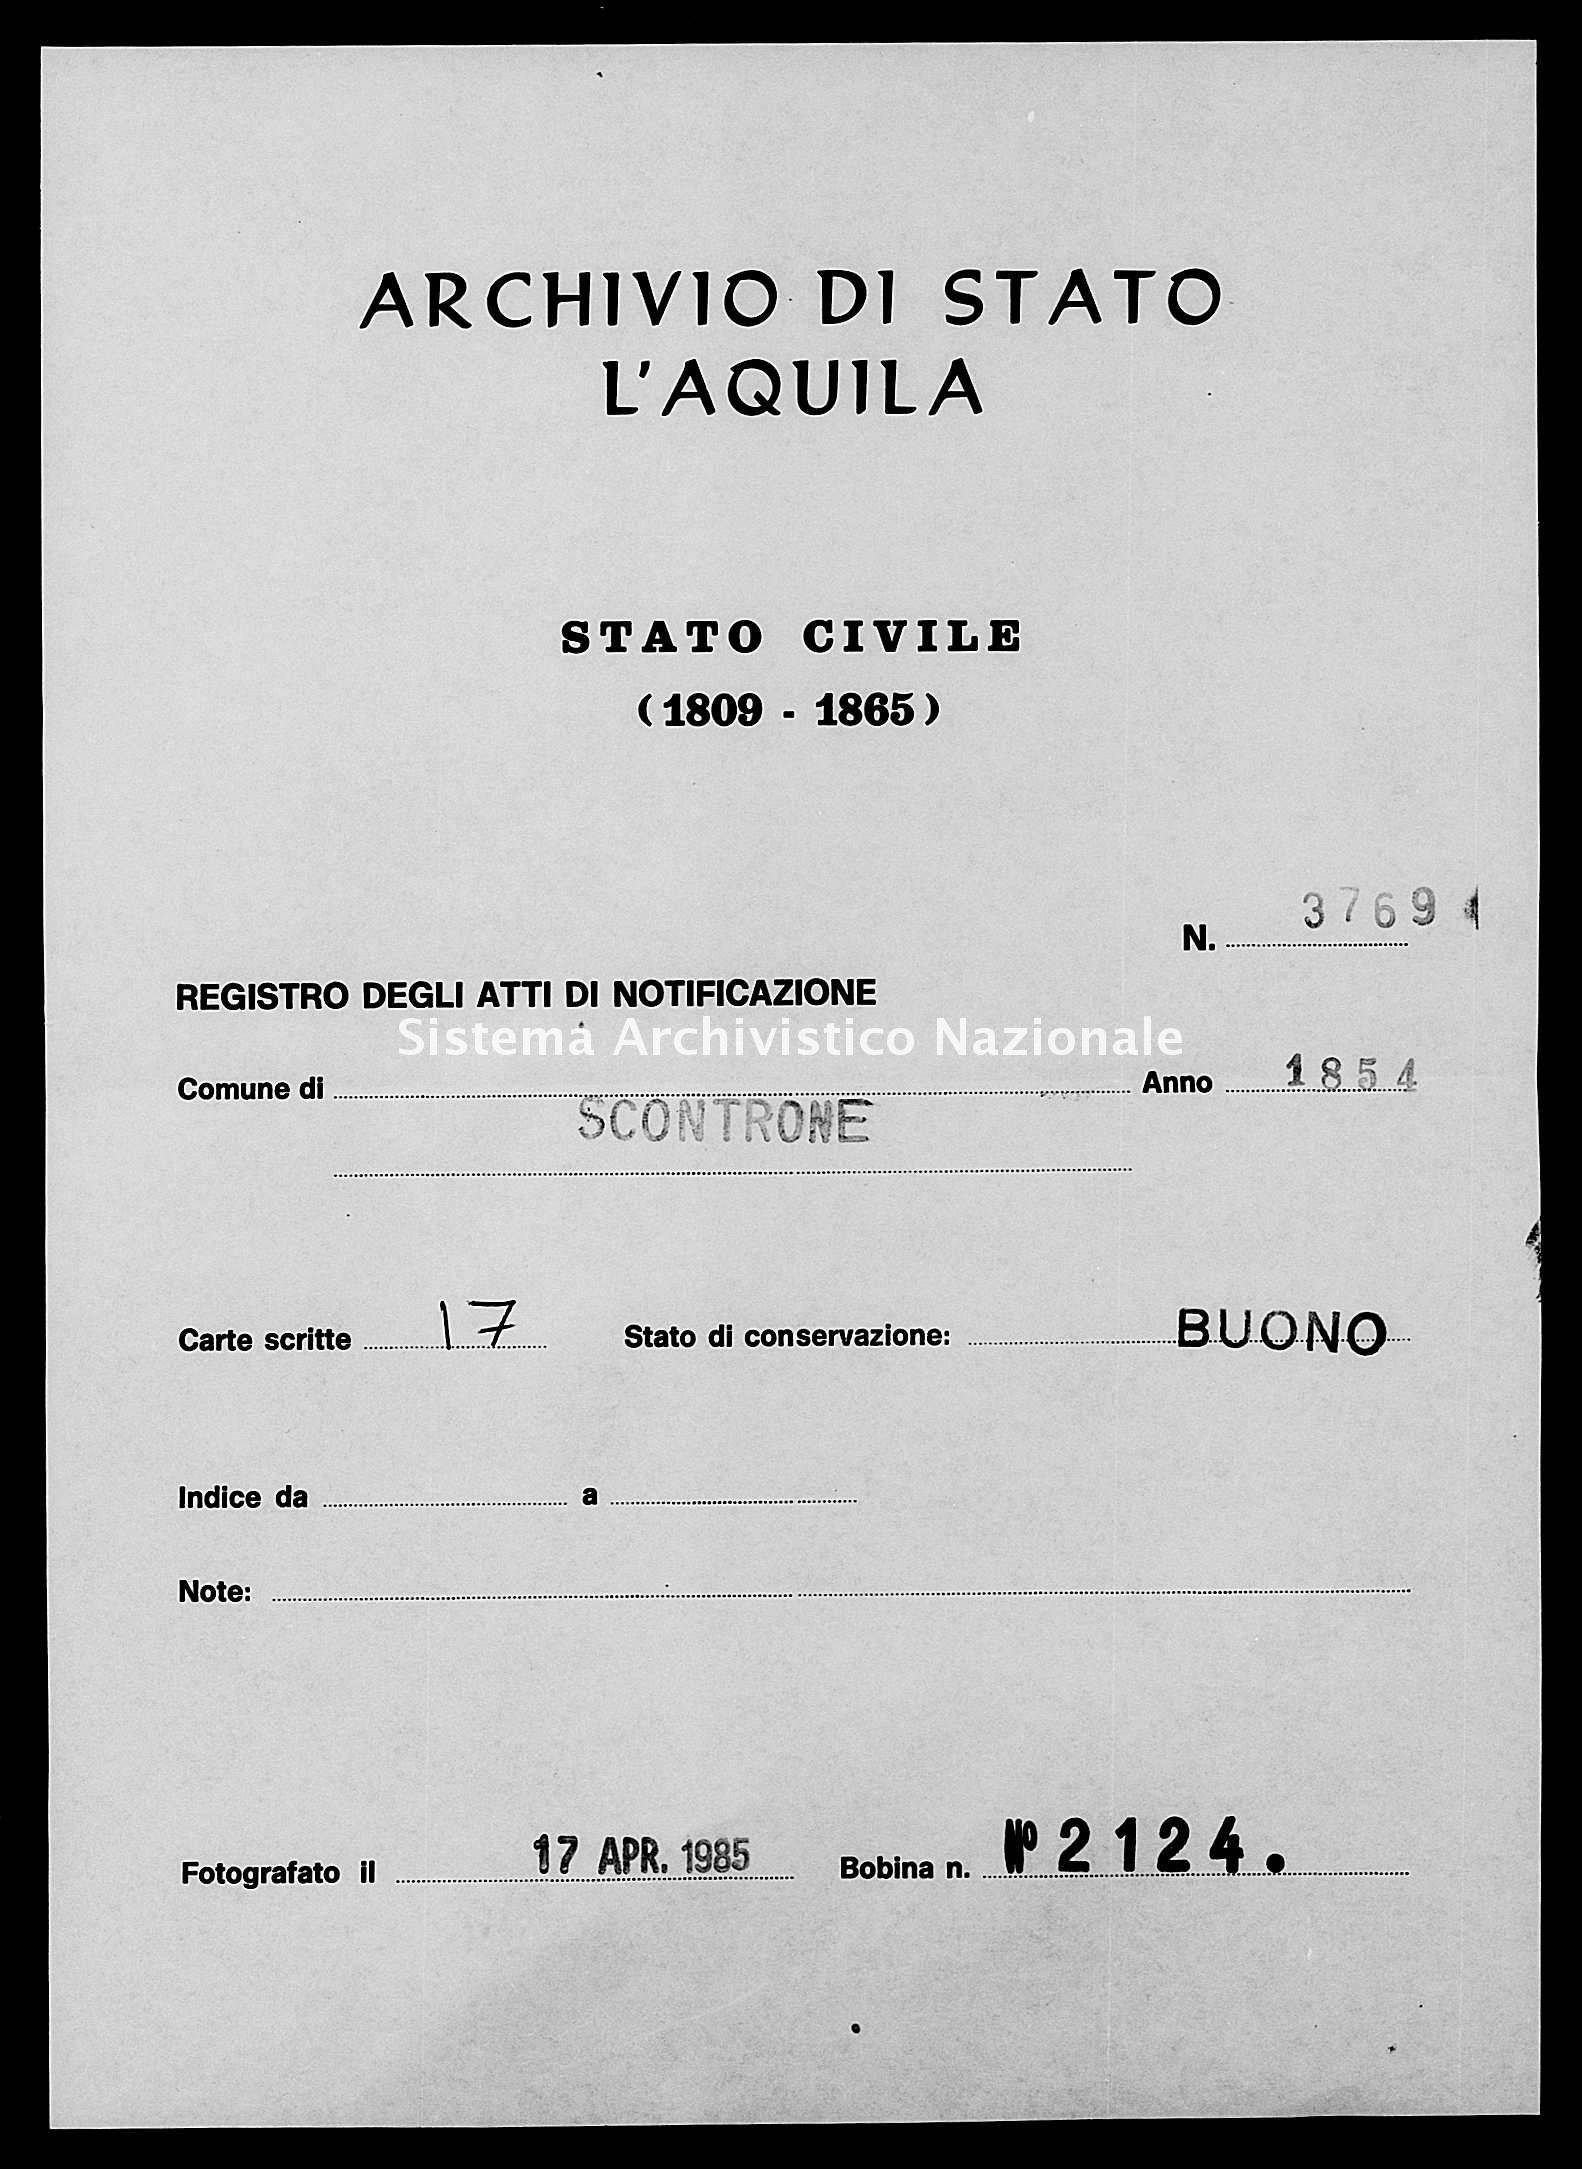 Archivio di stato di L'aquila - Stato civile della restaurazione - Scontrone - Matrimoni, memorandum notificazioni ed opposizioni - 1854 - 3769 -